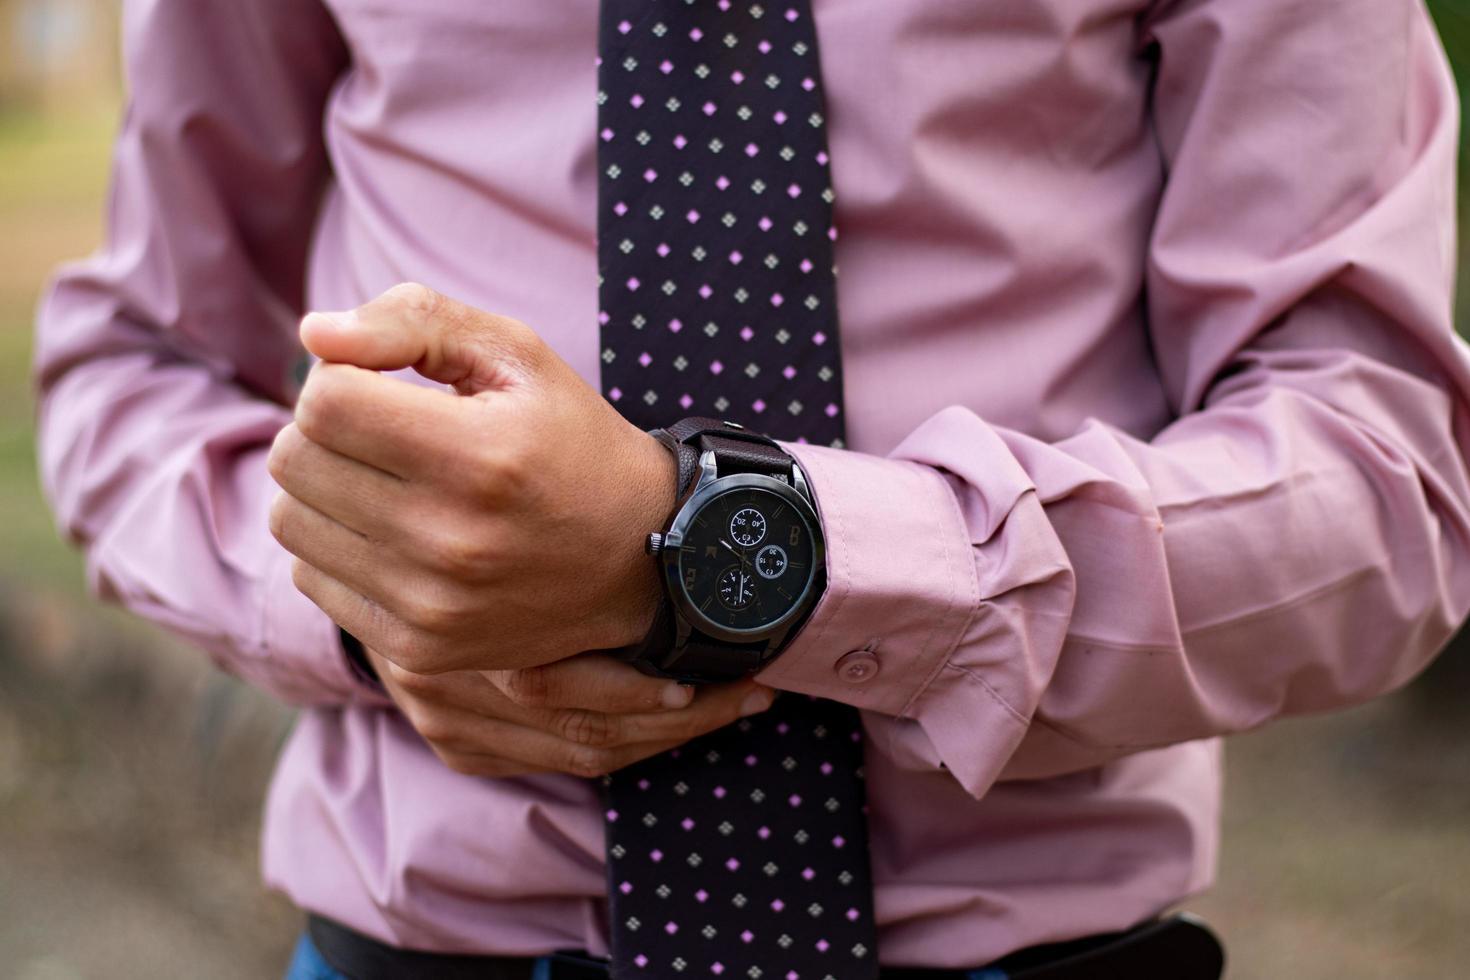 uitenhage, sudafrica, 2020 - uomo che indossa un cronografo nero foto